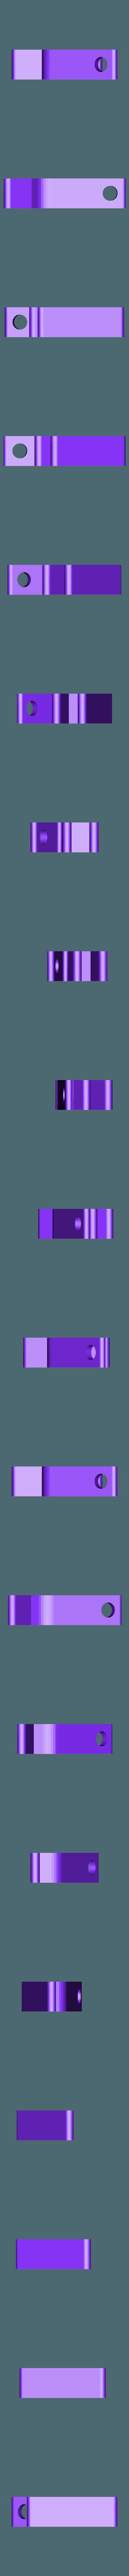 V4.STL Télécharger fichier STL gratuit S'il vous plaît, s'il vous plaît. • Design imprimable en 3D, Cipri8